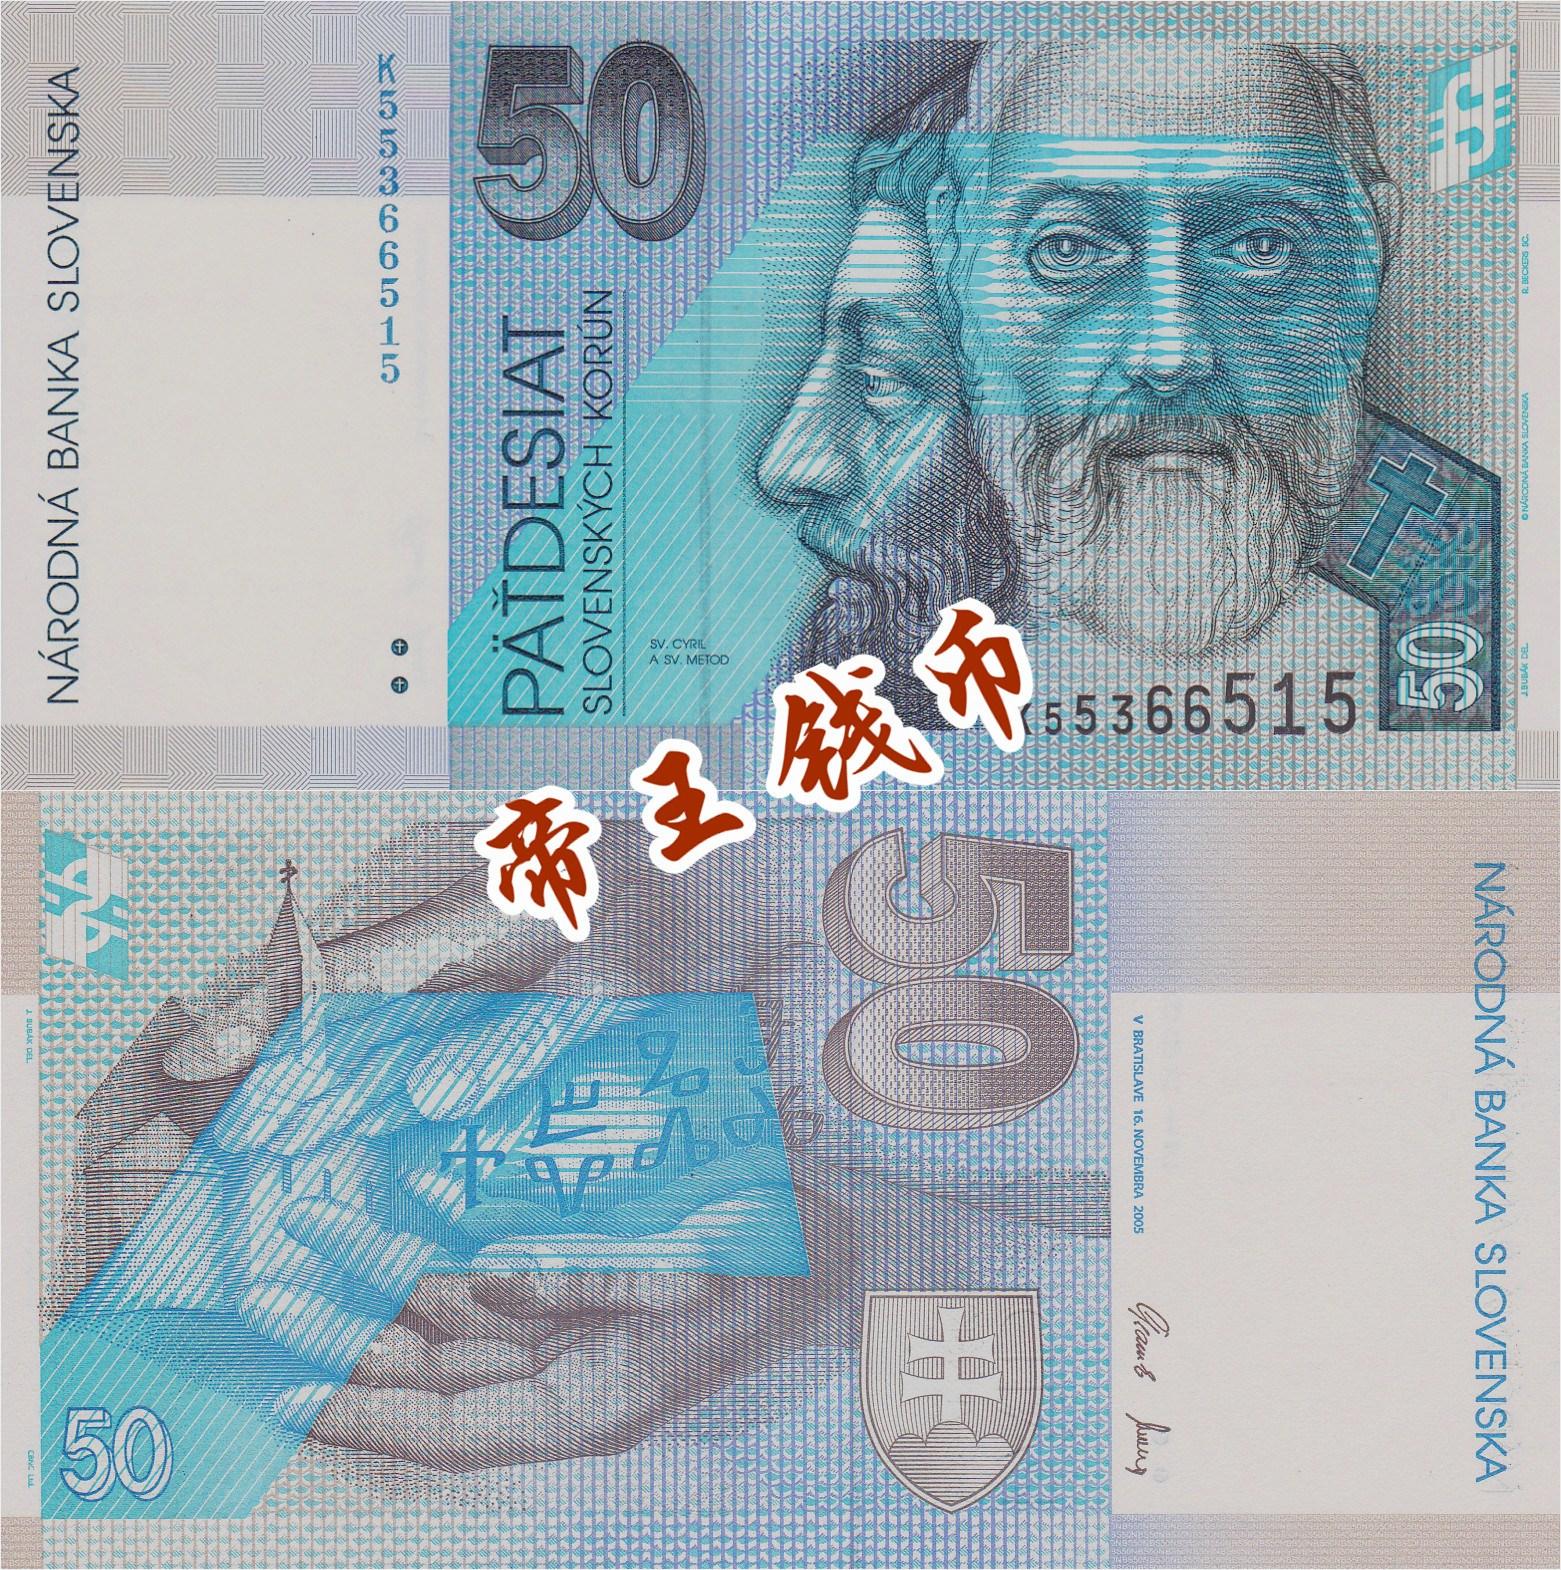 全新UNC 斯洛伐克50克朗 外币 外国纸币 国外钱币 欧洲钱币收藏 价格:25.00